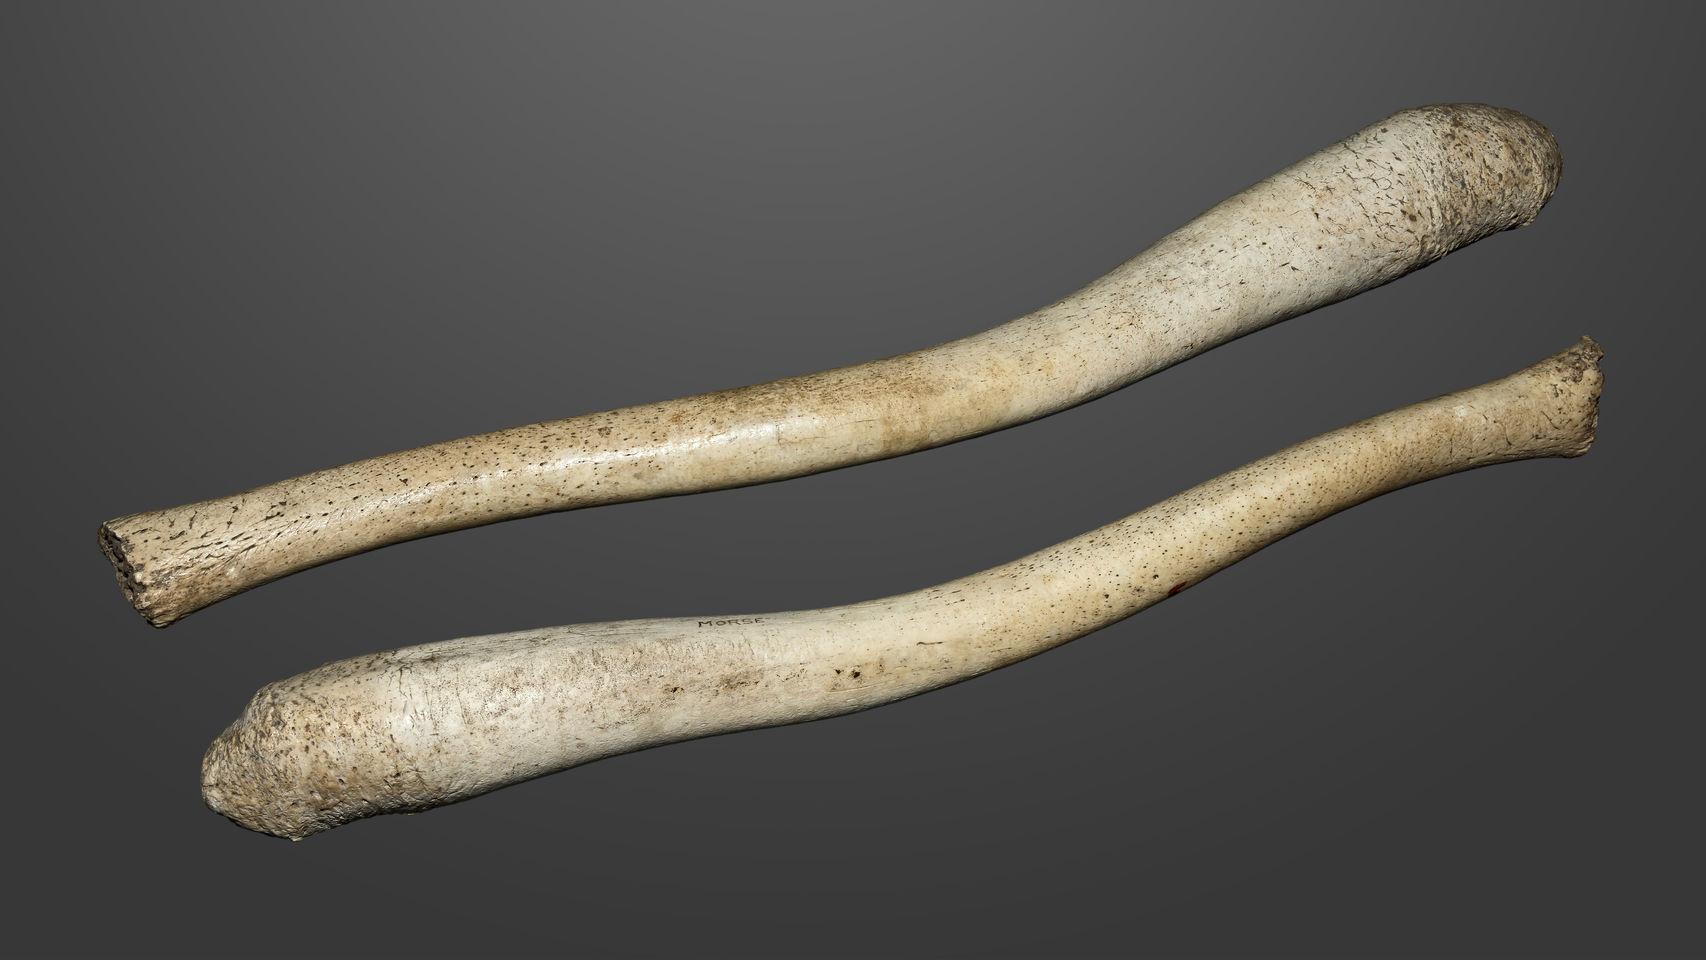 Huesos de pene de morsa. / Wikipedia